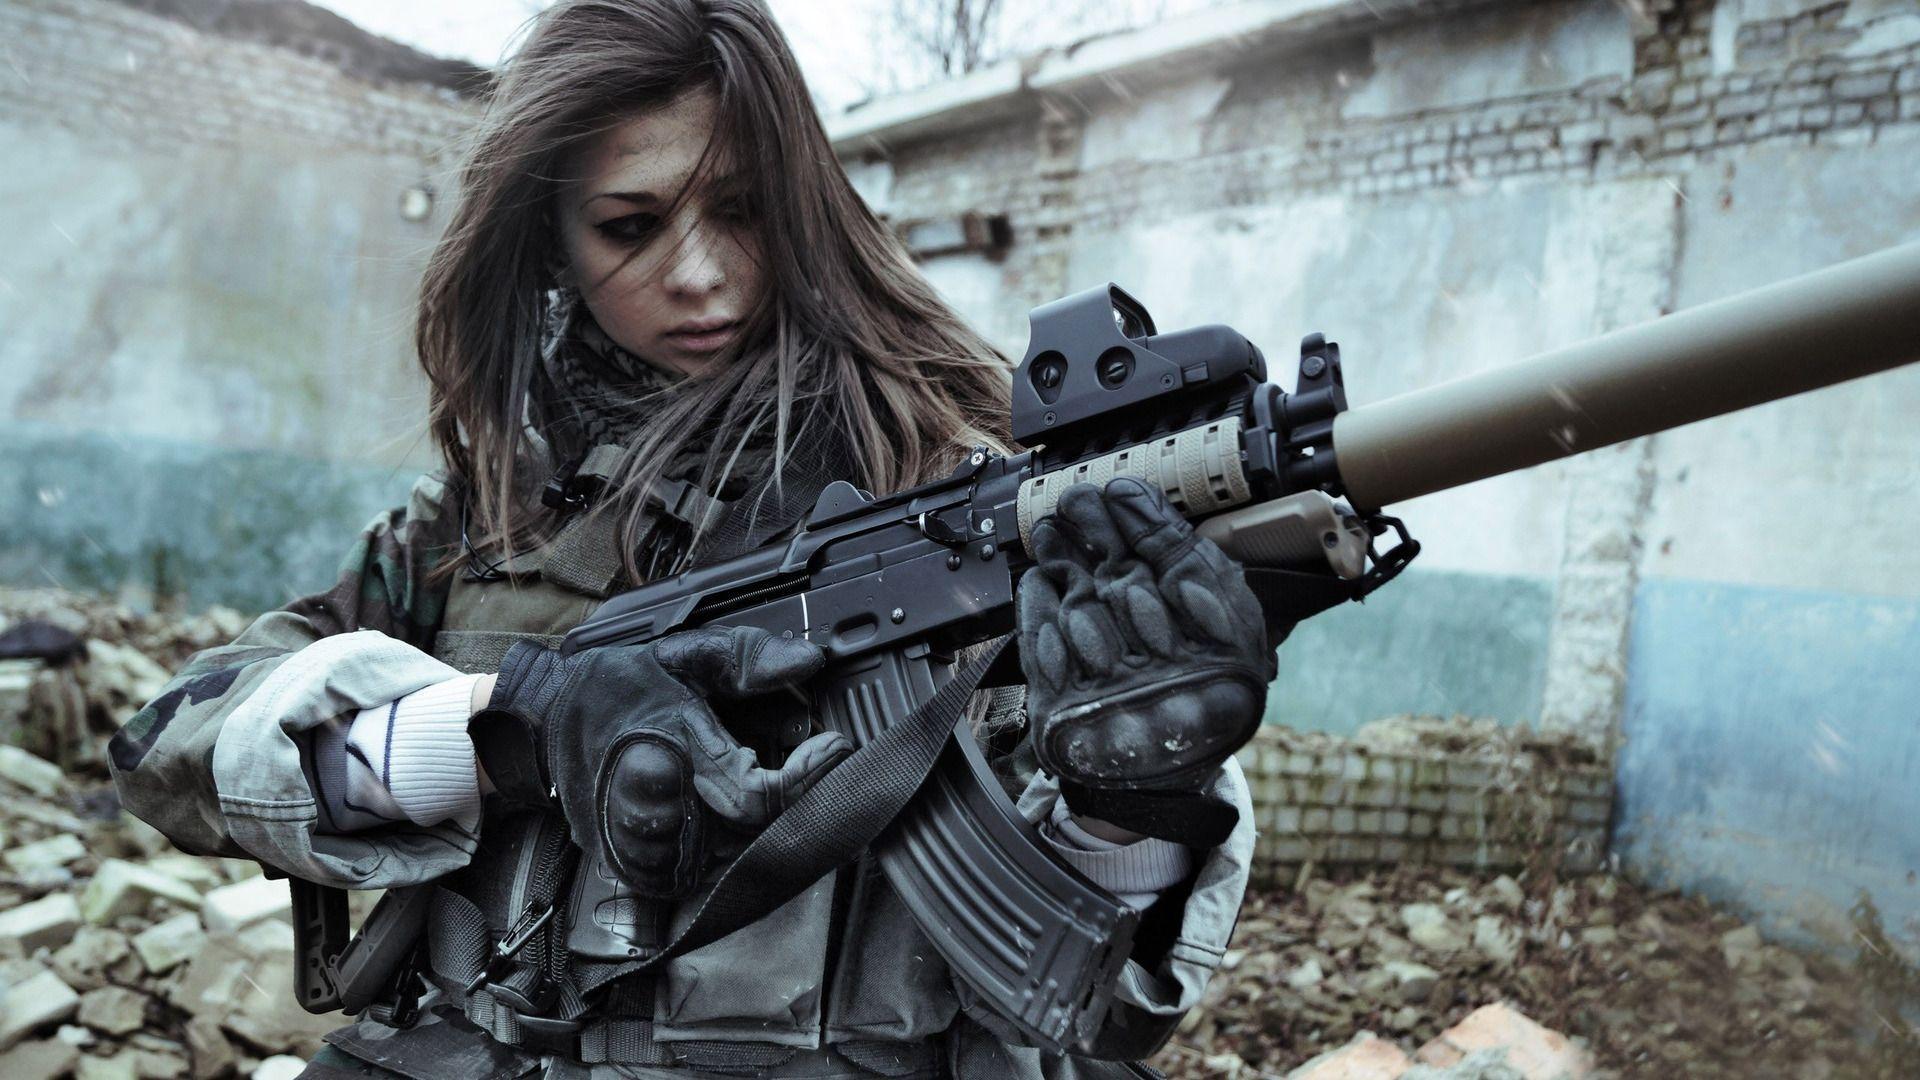 Military Girl Wallpaper